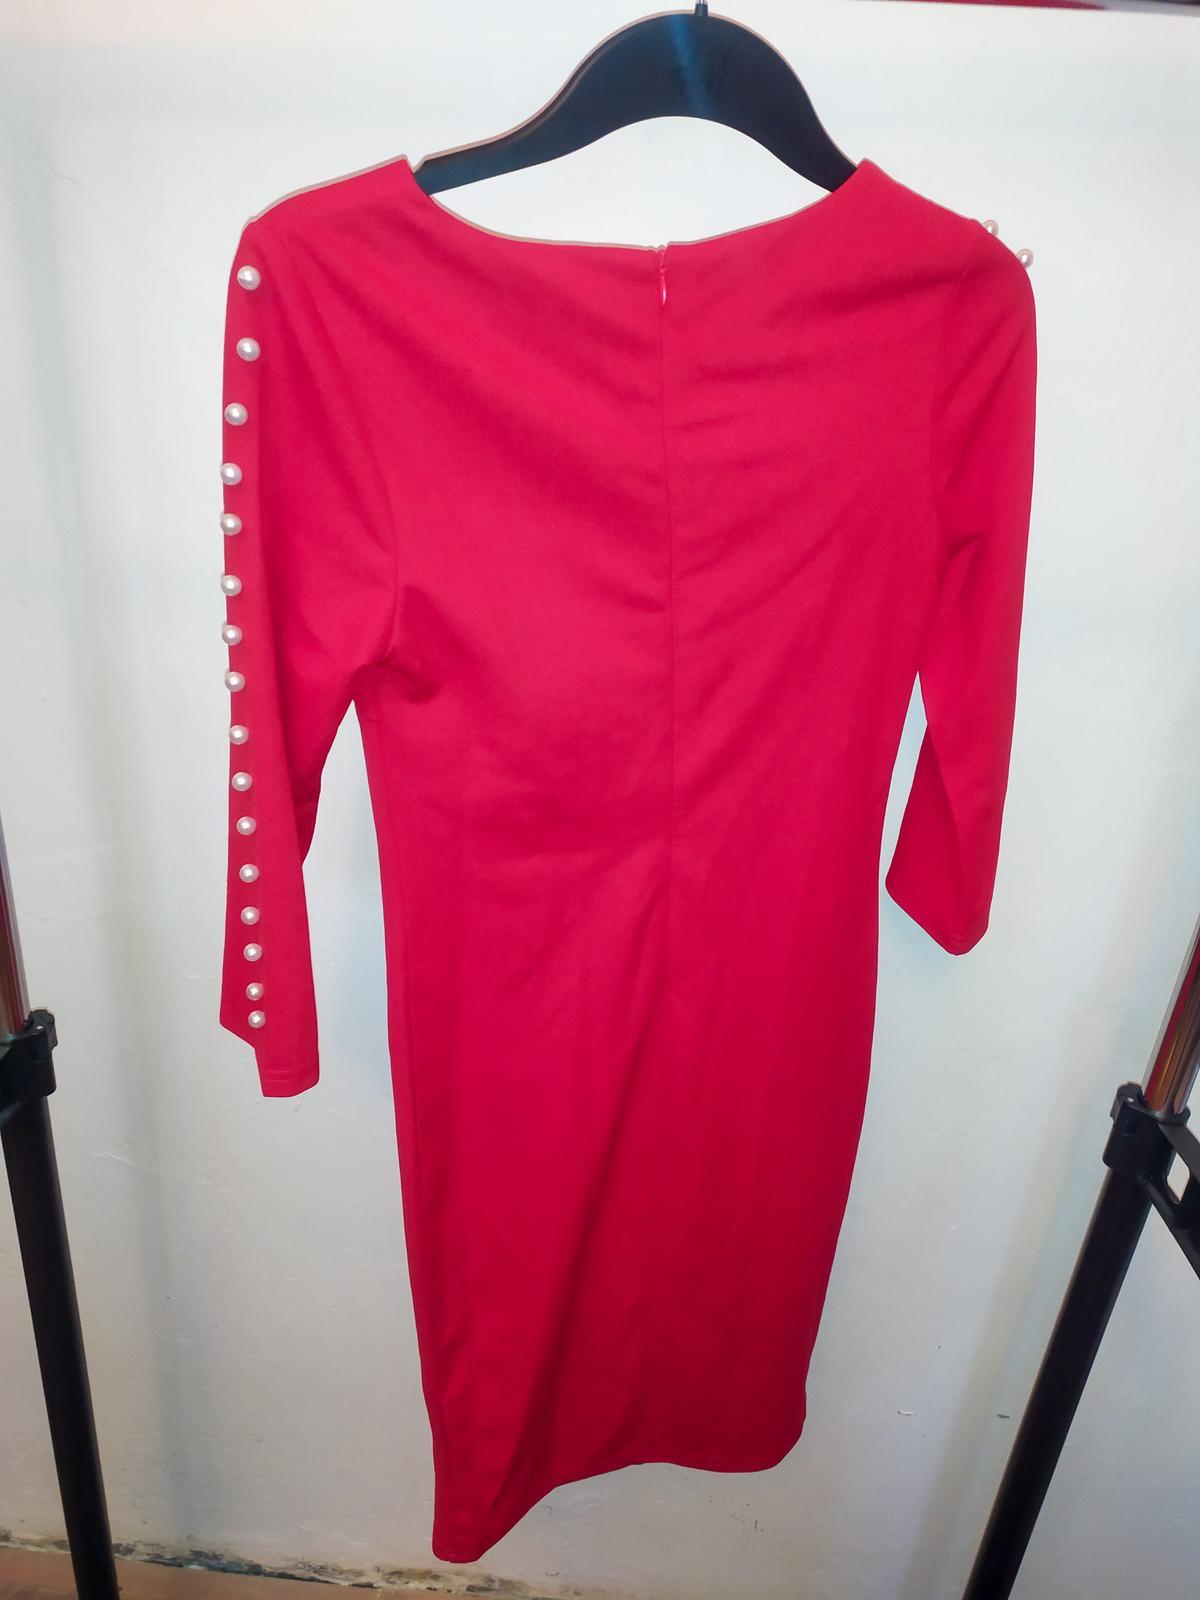 Červené šaty s perličkami SHEIN vel. XS - Obrázek č. 2